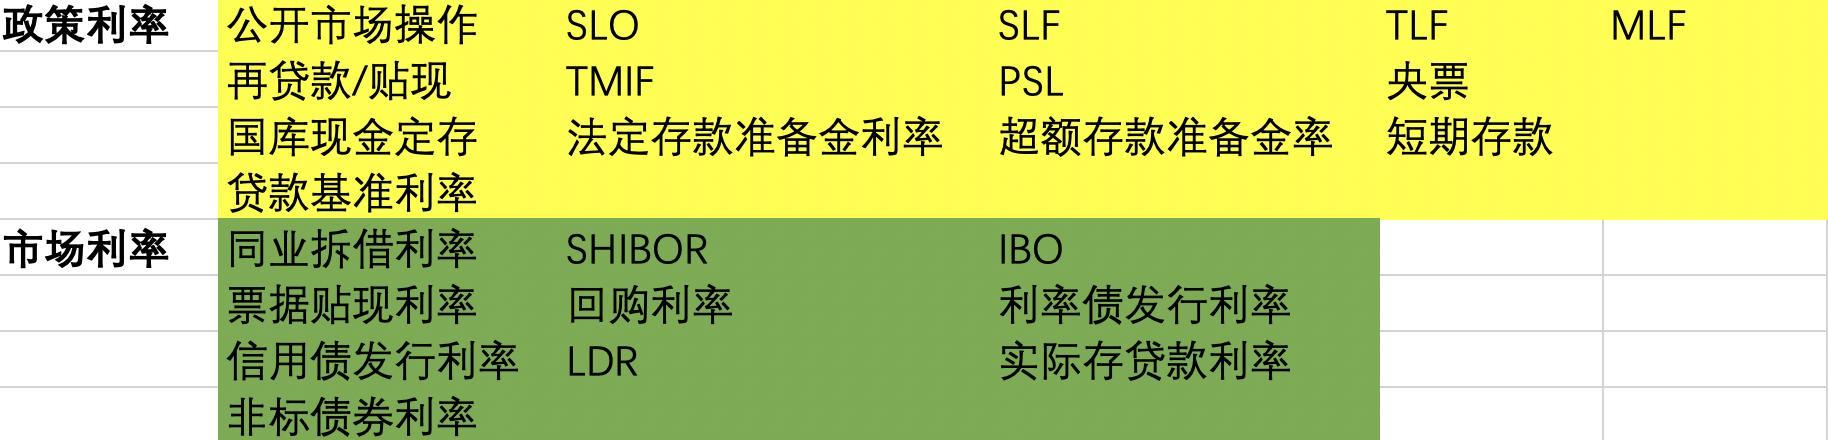 你知道利率其实有多少种吗 上调SLF利率对股市有何影响